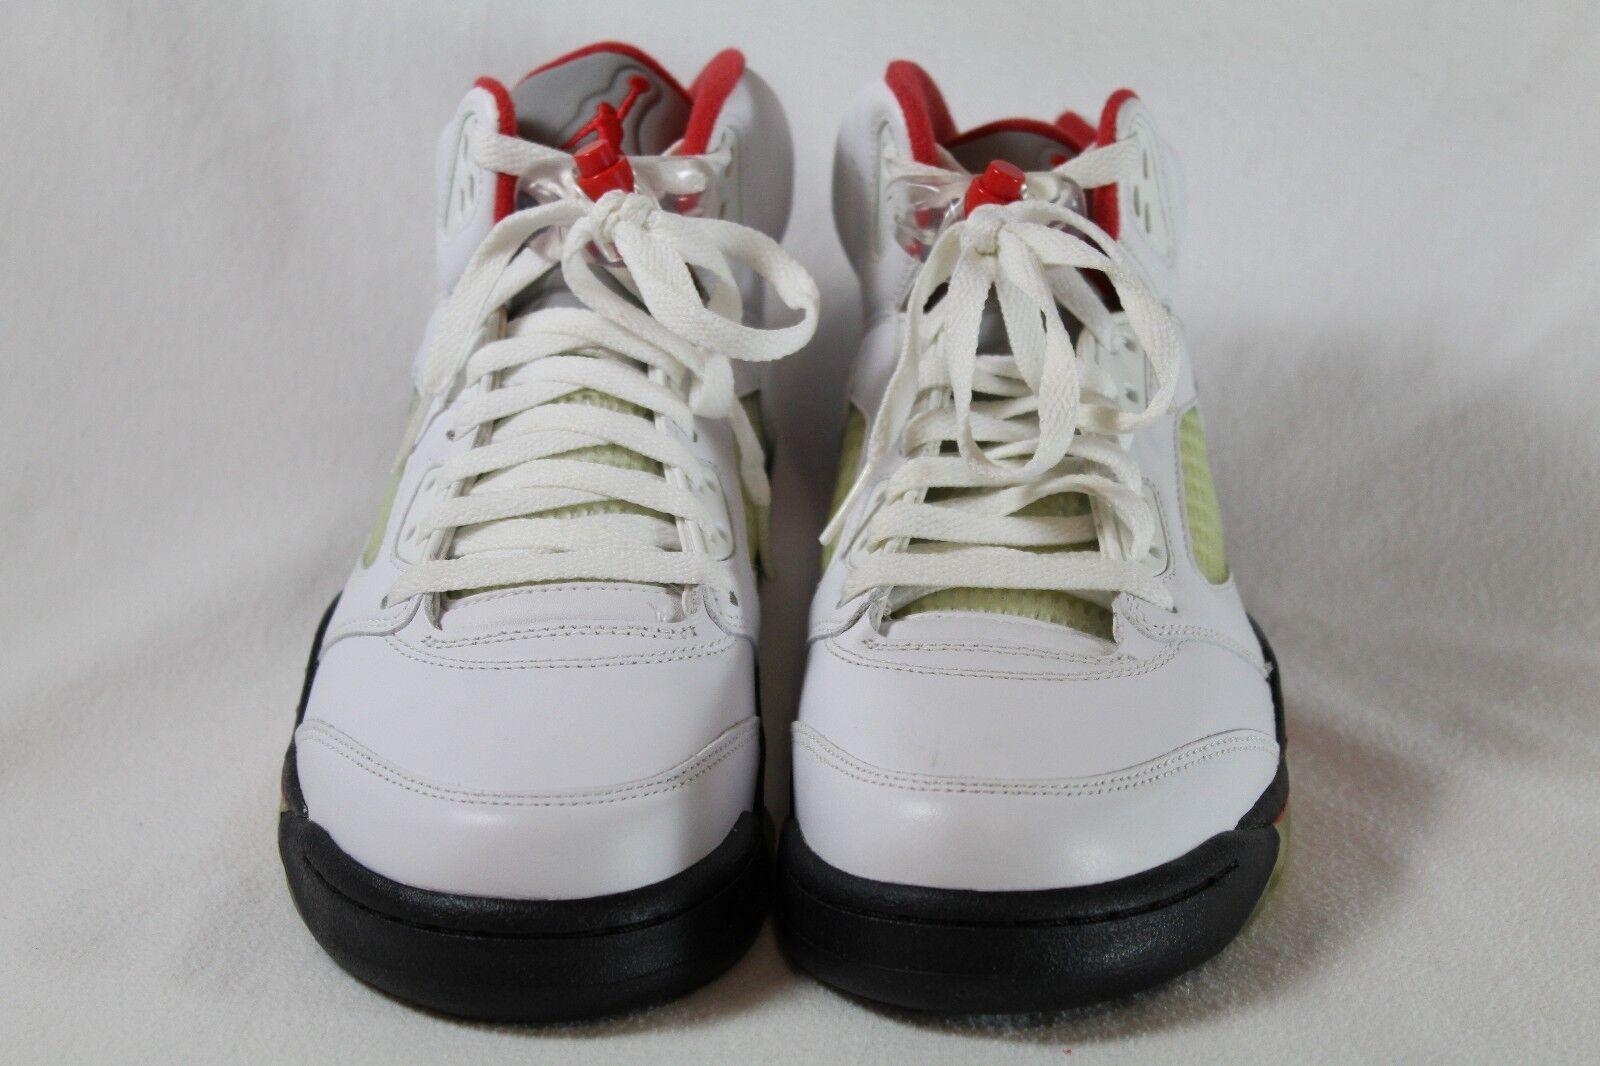 Jordan CDP 18 5 Seminuevo Perfectas Condiciones 332565-991